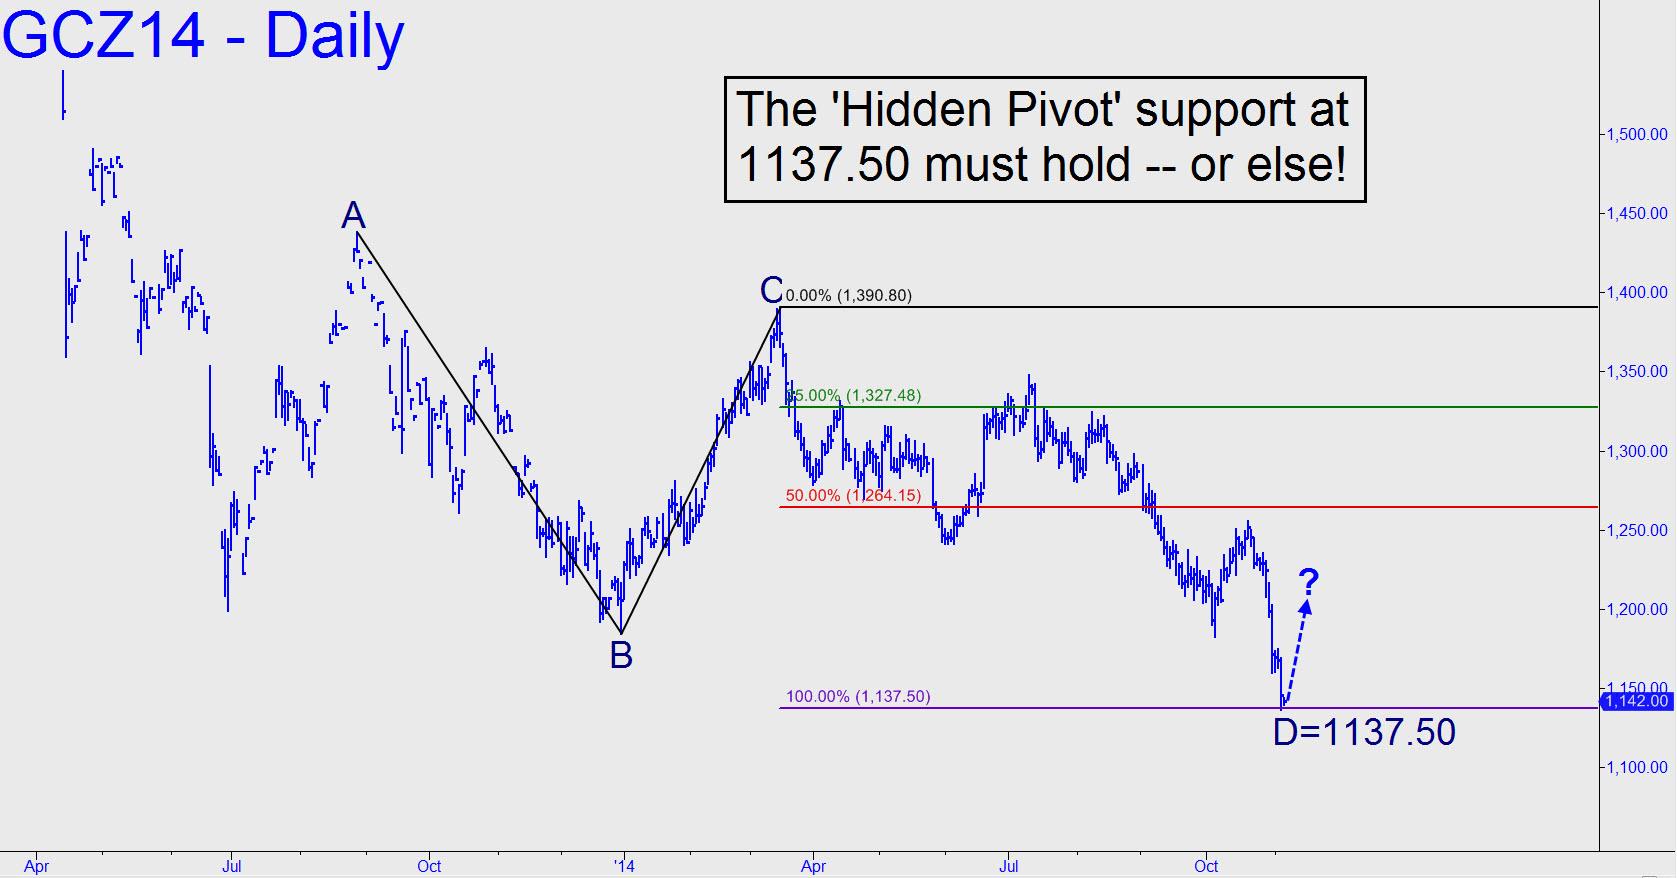 prix de l'or, de l'argent et des minières / suivi quotidien en clôture - Page 15 Gold-pivot-MUST-hold